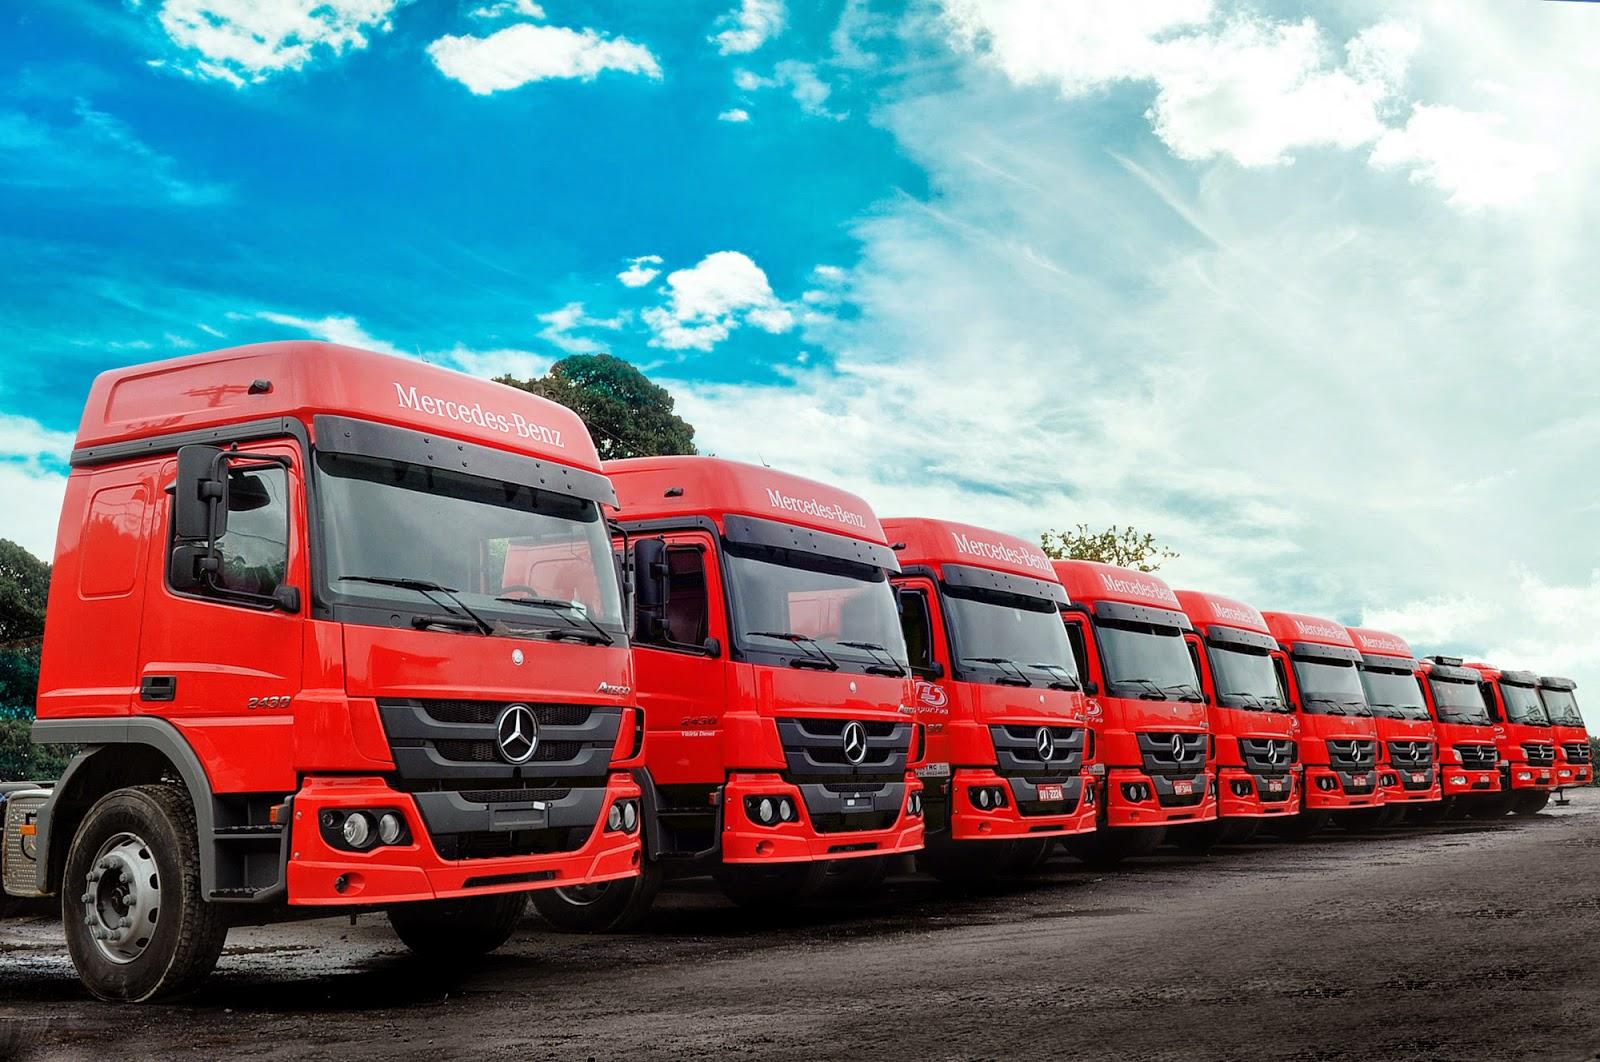 Os caminhões semipesados Atego da Mercedes-Benz seguem contando com total  aprovação da ES Transportes 625451ecd6e6b